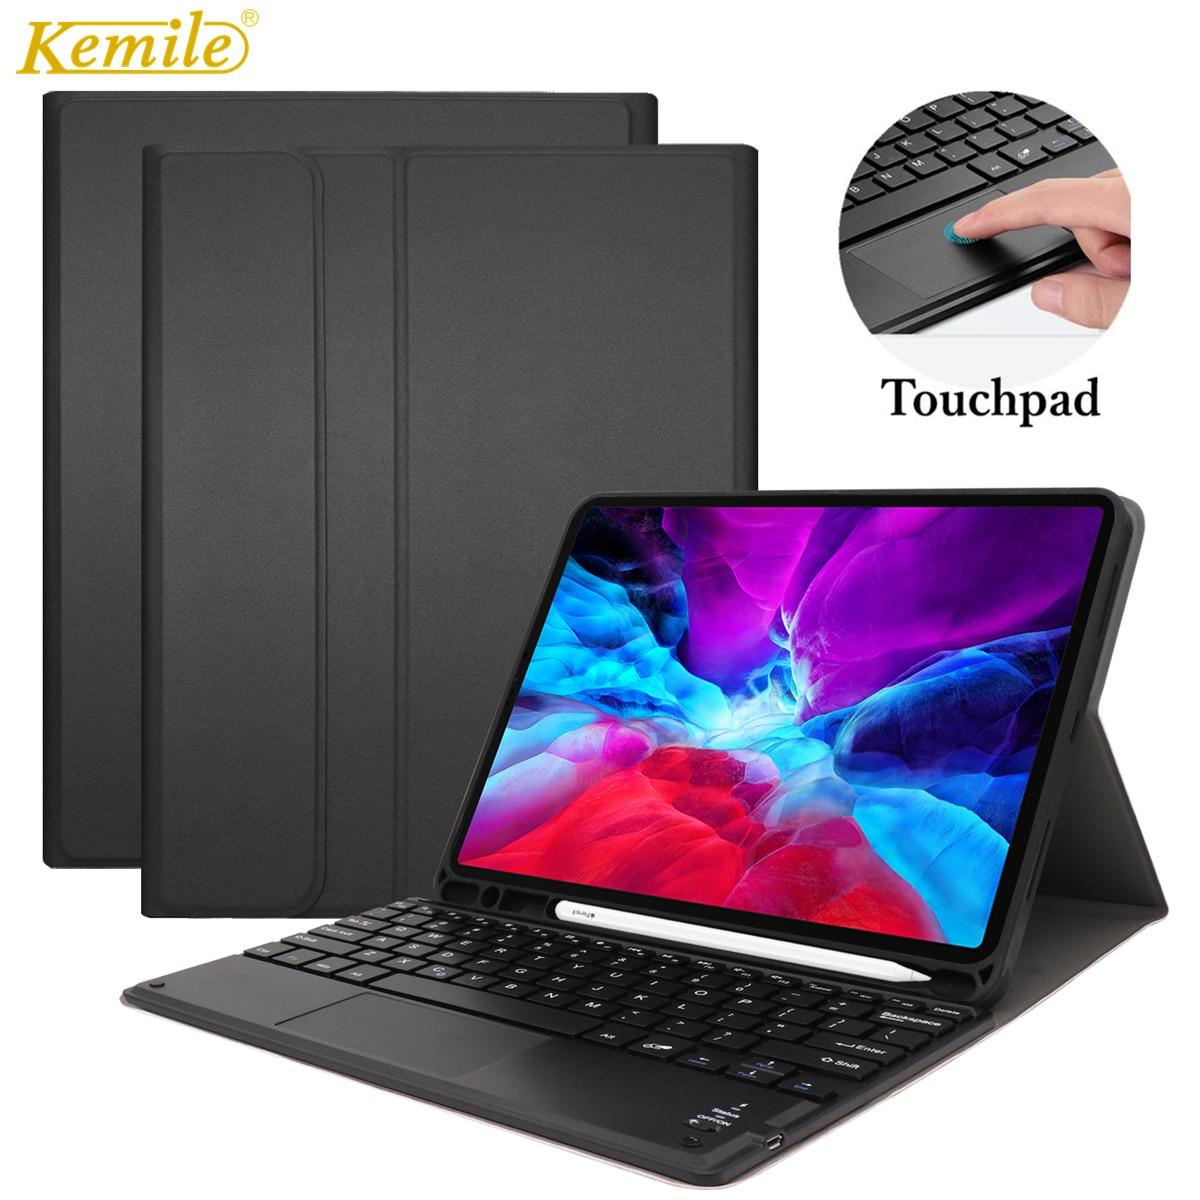 لوحة اللمس لوحة المفاتيح حالة لباد الهواء 4 10.9 2020 غطاء لوحة المفاتيح W قلم رصاص حامل حالة الذكية لباد الهواء 4 10.9 بوصة حالة لوحة المفاتيح